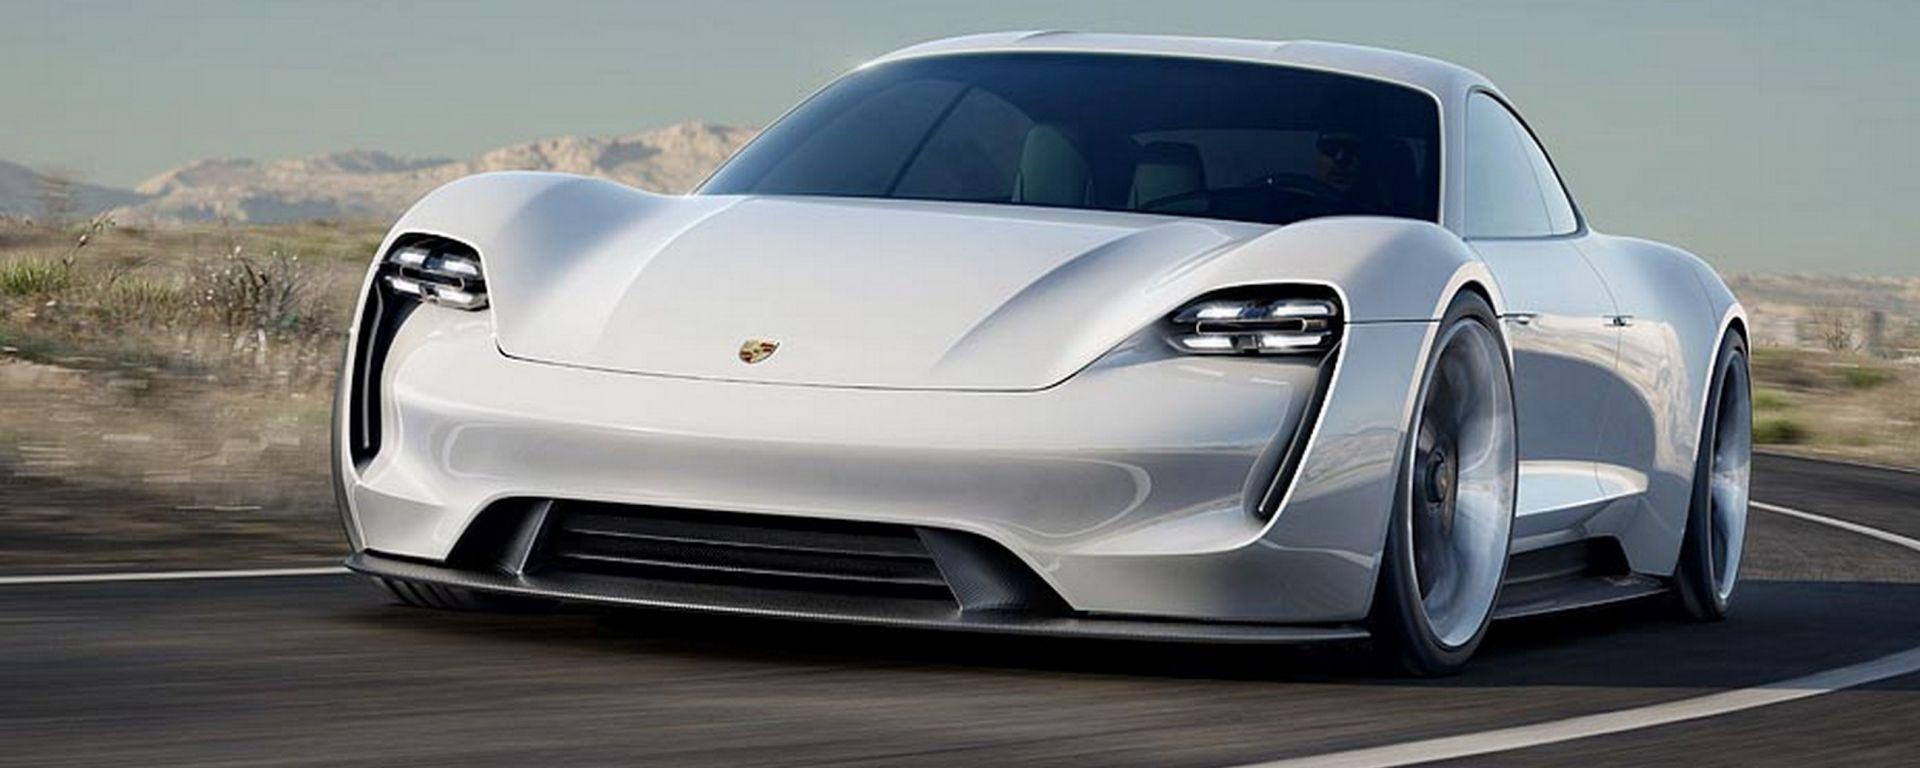 Porsche Mission E: la prima elettrica della Cavallina arriverà nel 2019